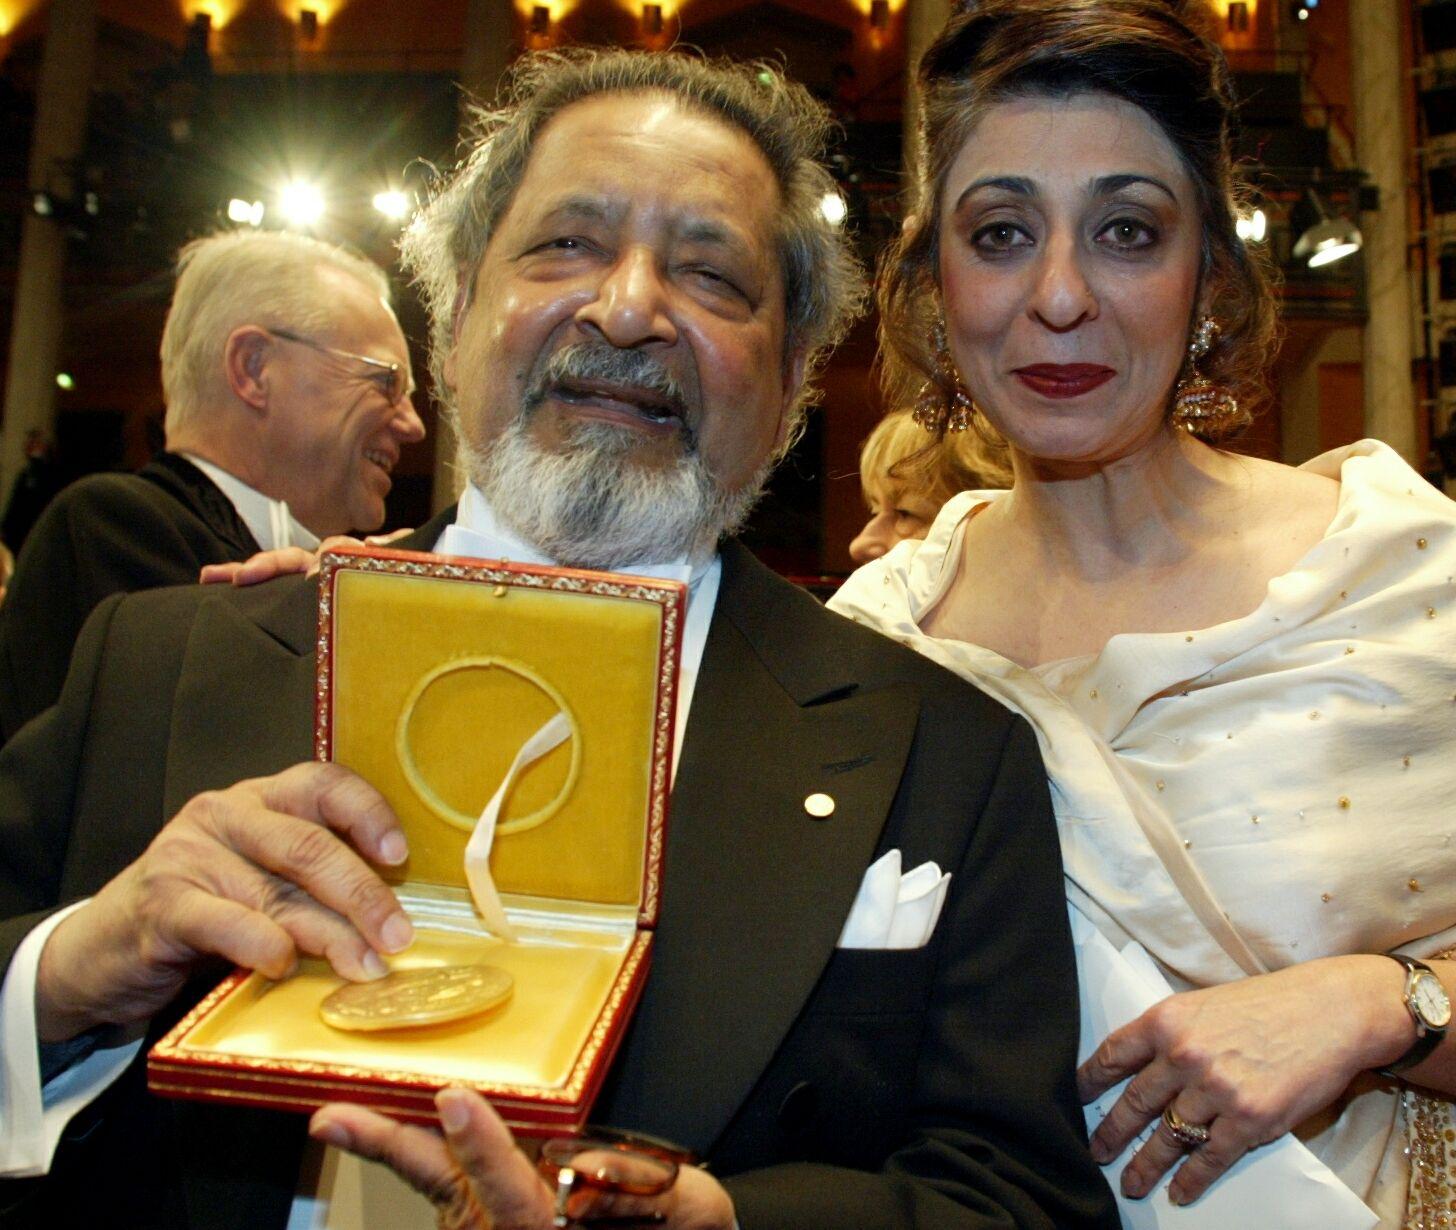 NOBELPRISVINNER: I 2001 var V. S. Naipaul og hans kone Nadira i Stockholm for å motta Nobels litteraturpris.